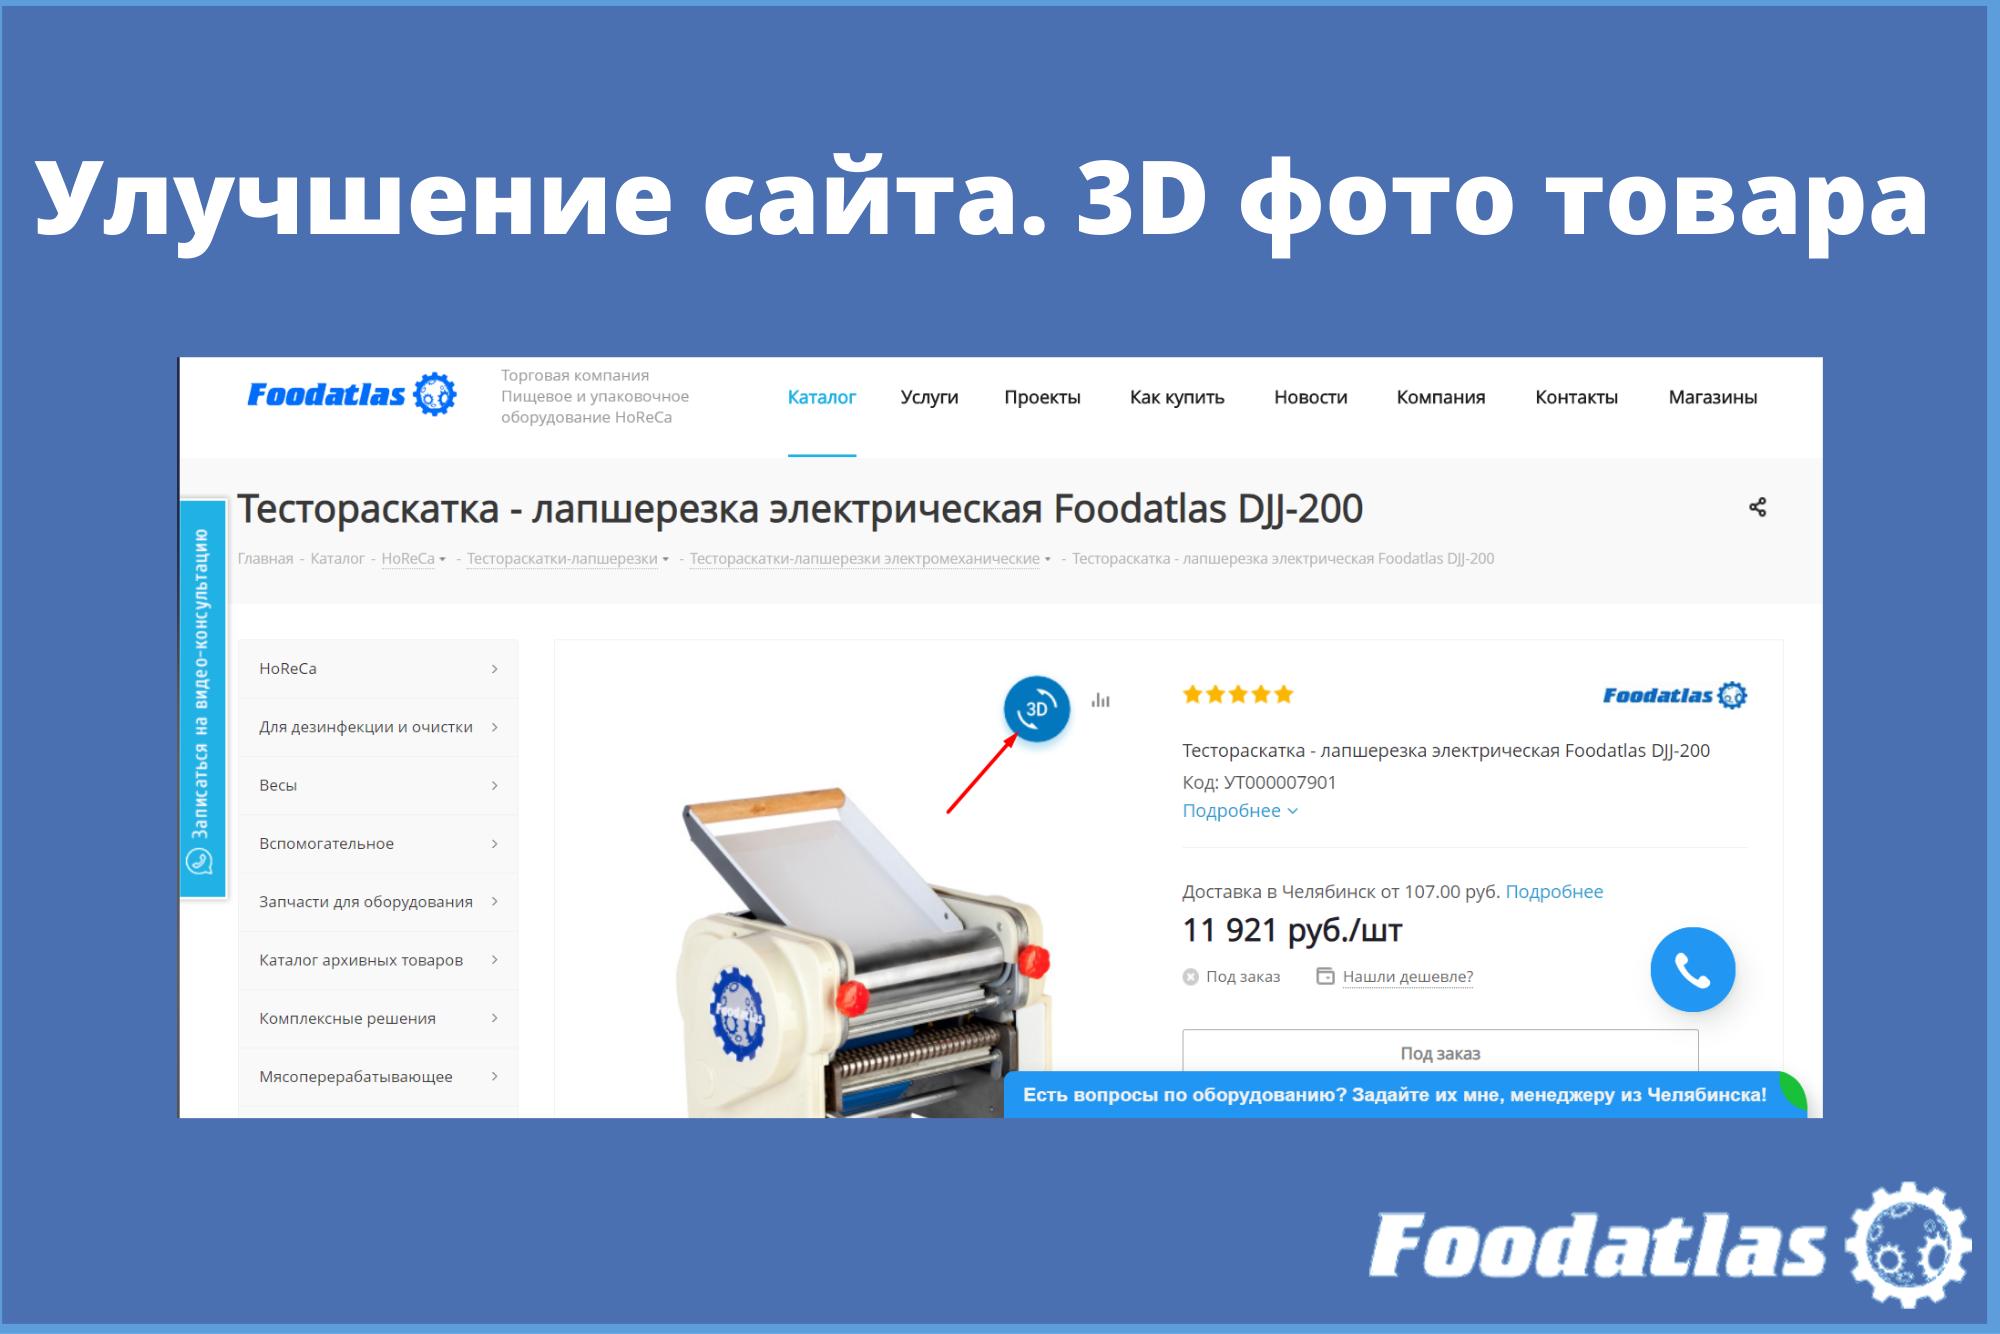 Доработка сайта: 3D фото товара